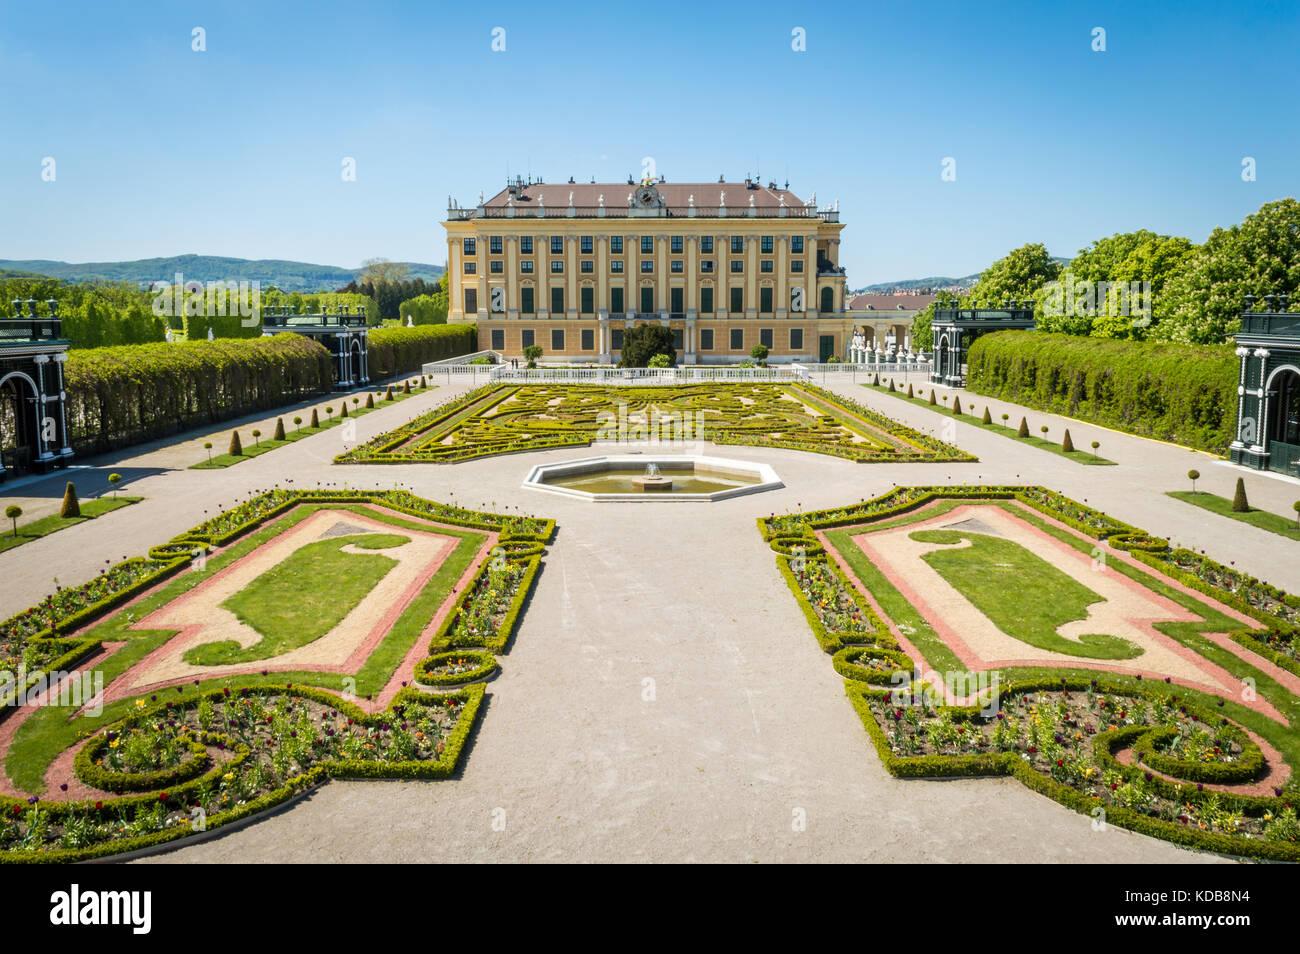 Vista del giardino privato presso il Palazzo di Schönbrunn in Austria, Vienna. Immagini Stock